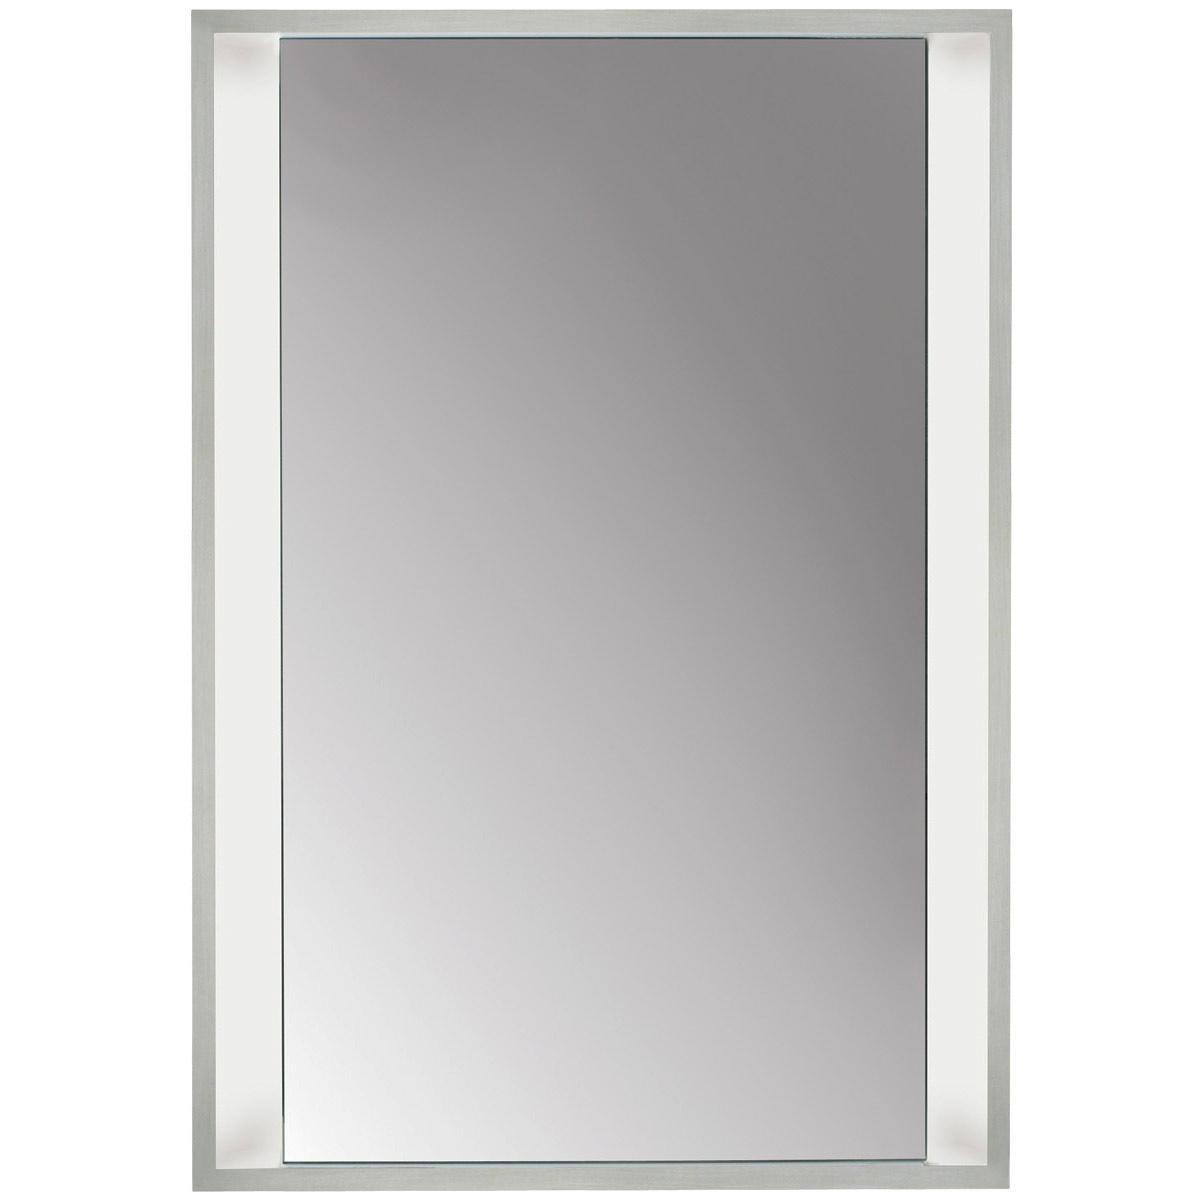 Awesome One Door Metal Mirror Bathroom Recessed Medicine Cabinet  Buy